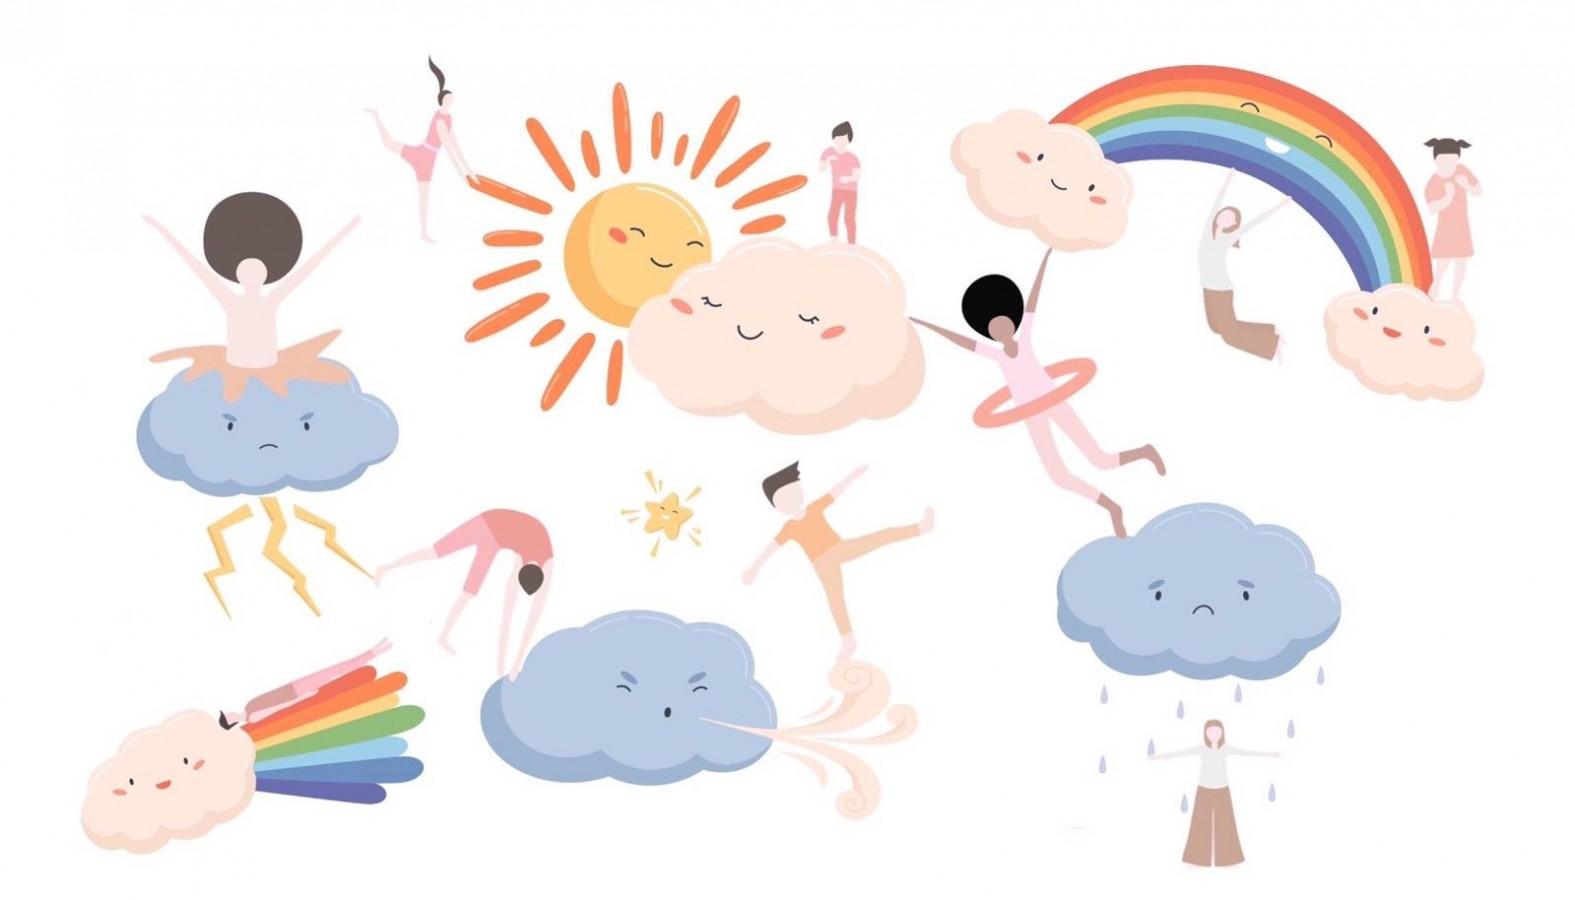 身體遊樂場   「瘋狂天氣舞會」網上互動身體課 (適合6-9歲小學生)